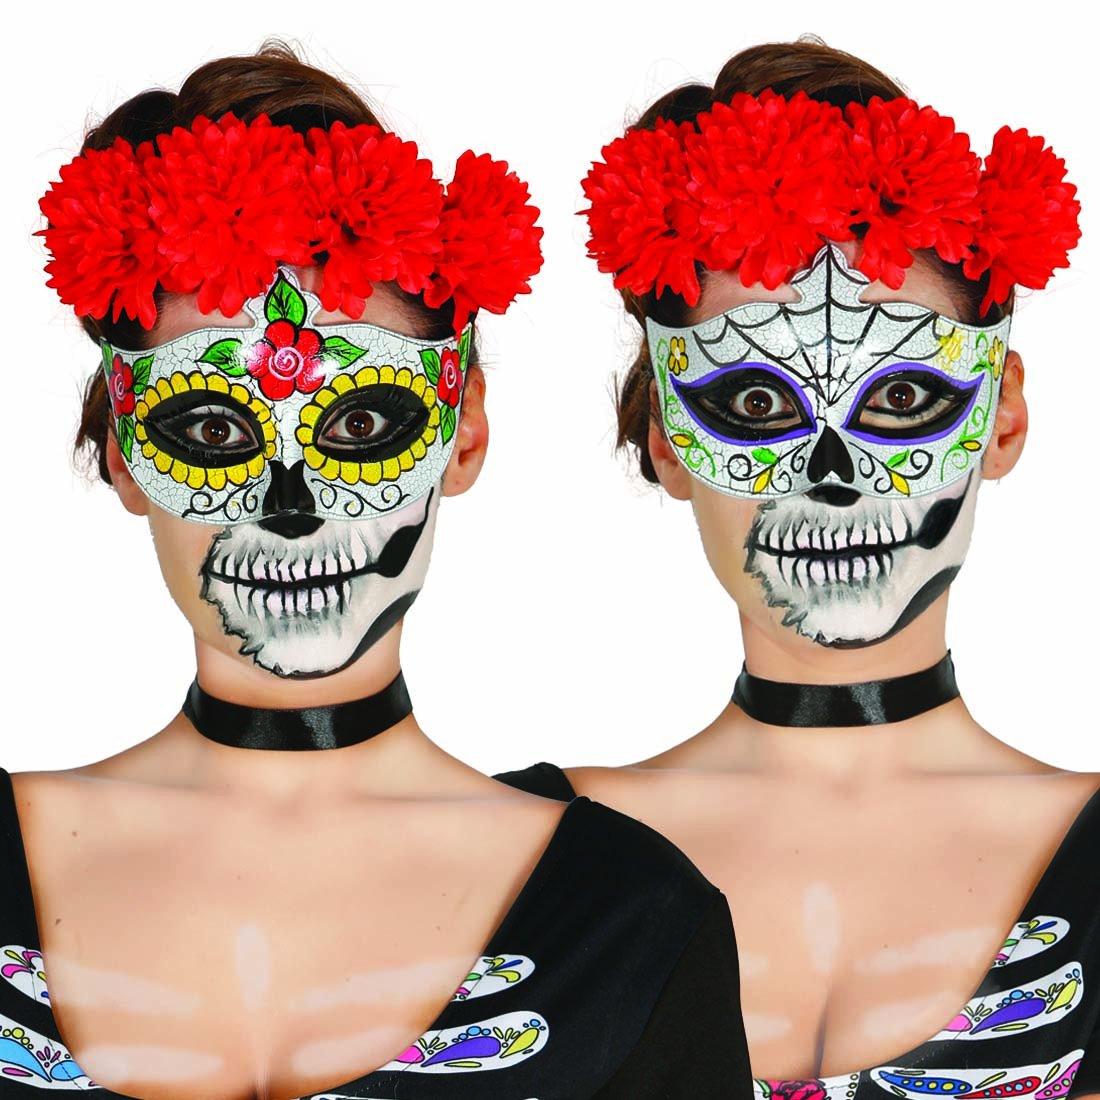 d3d2739858af4 Máscara mexicana de muertos Halloween Antifaz Sugar Skull Careta Día de los  muertos Rostro mexicano noche